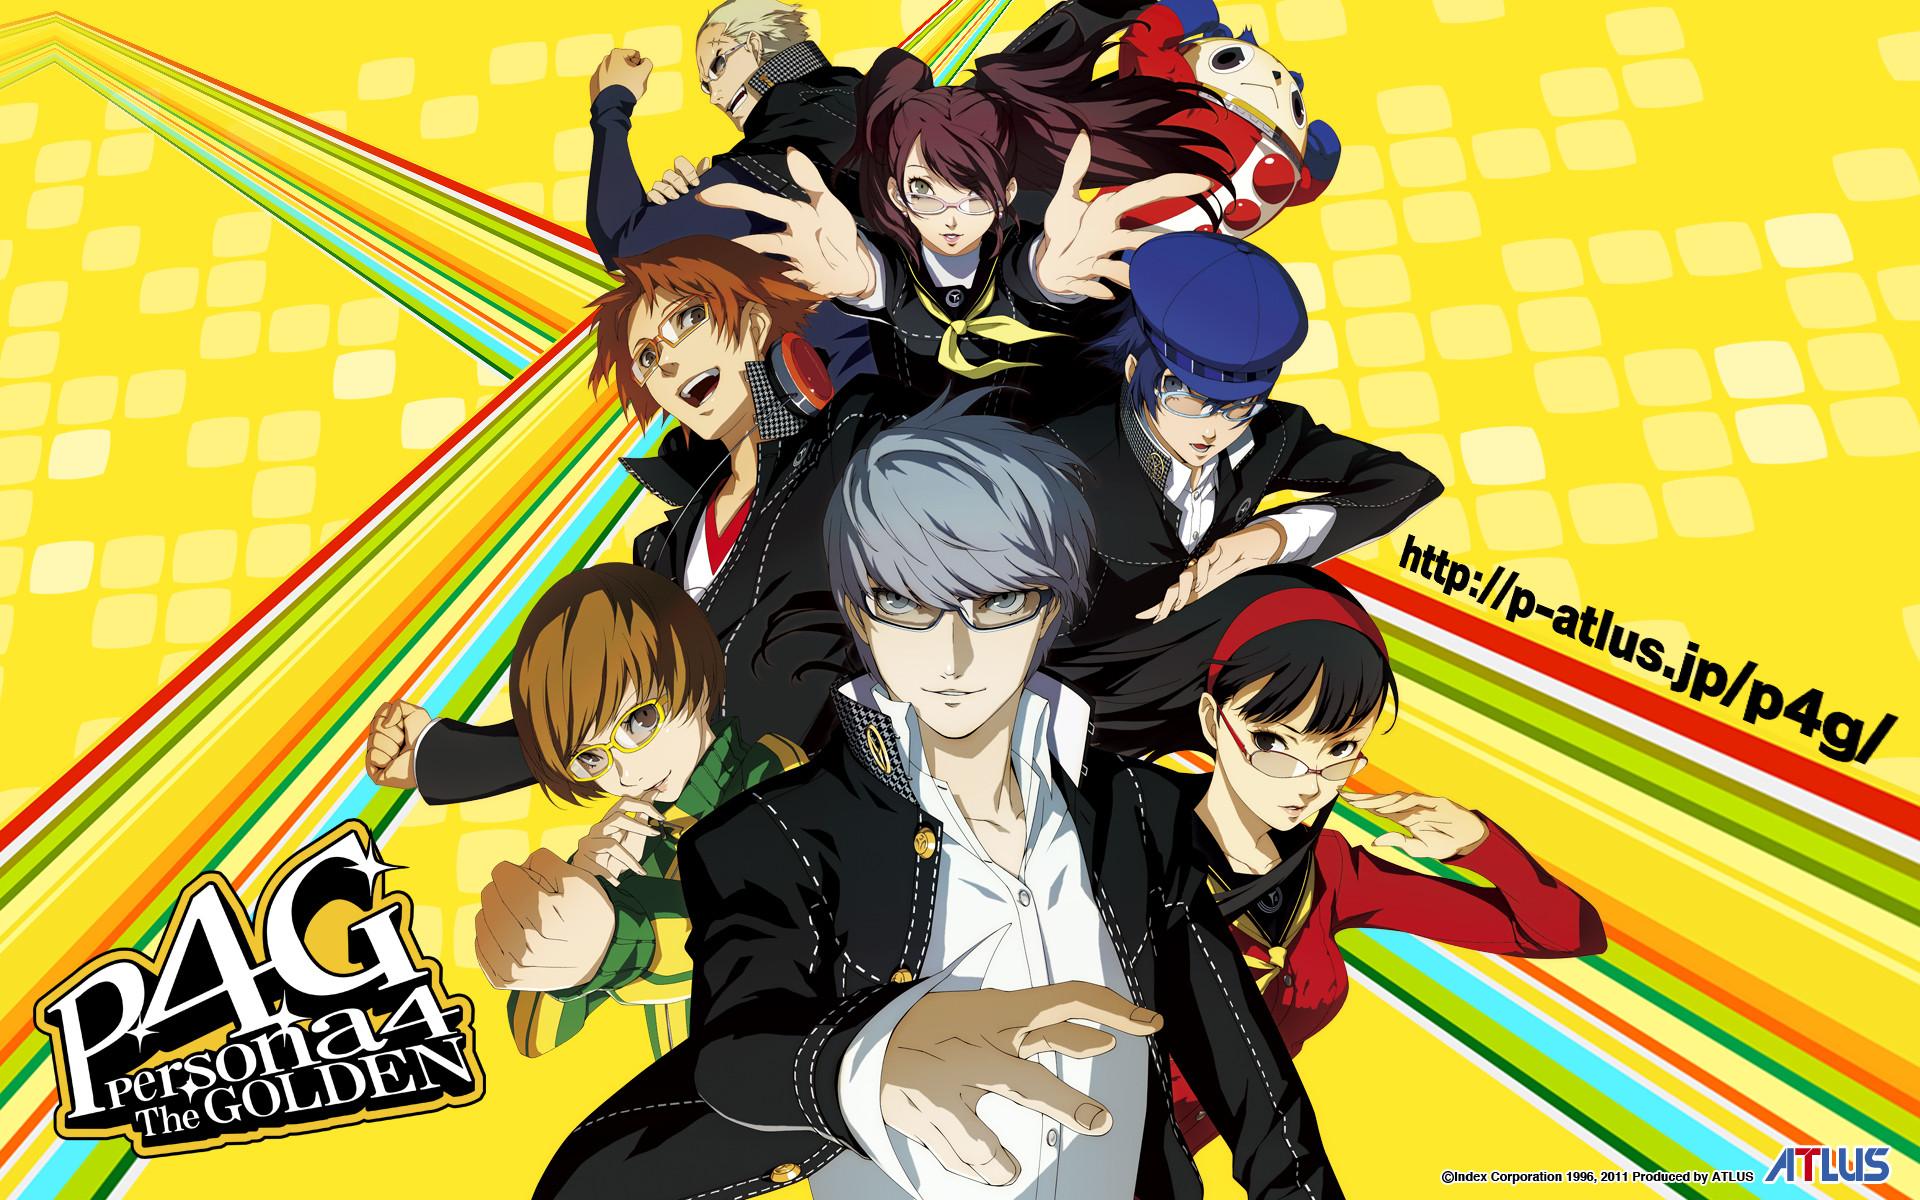 … download Shin Megami Tensei: PERSONA 4 image